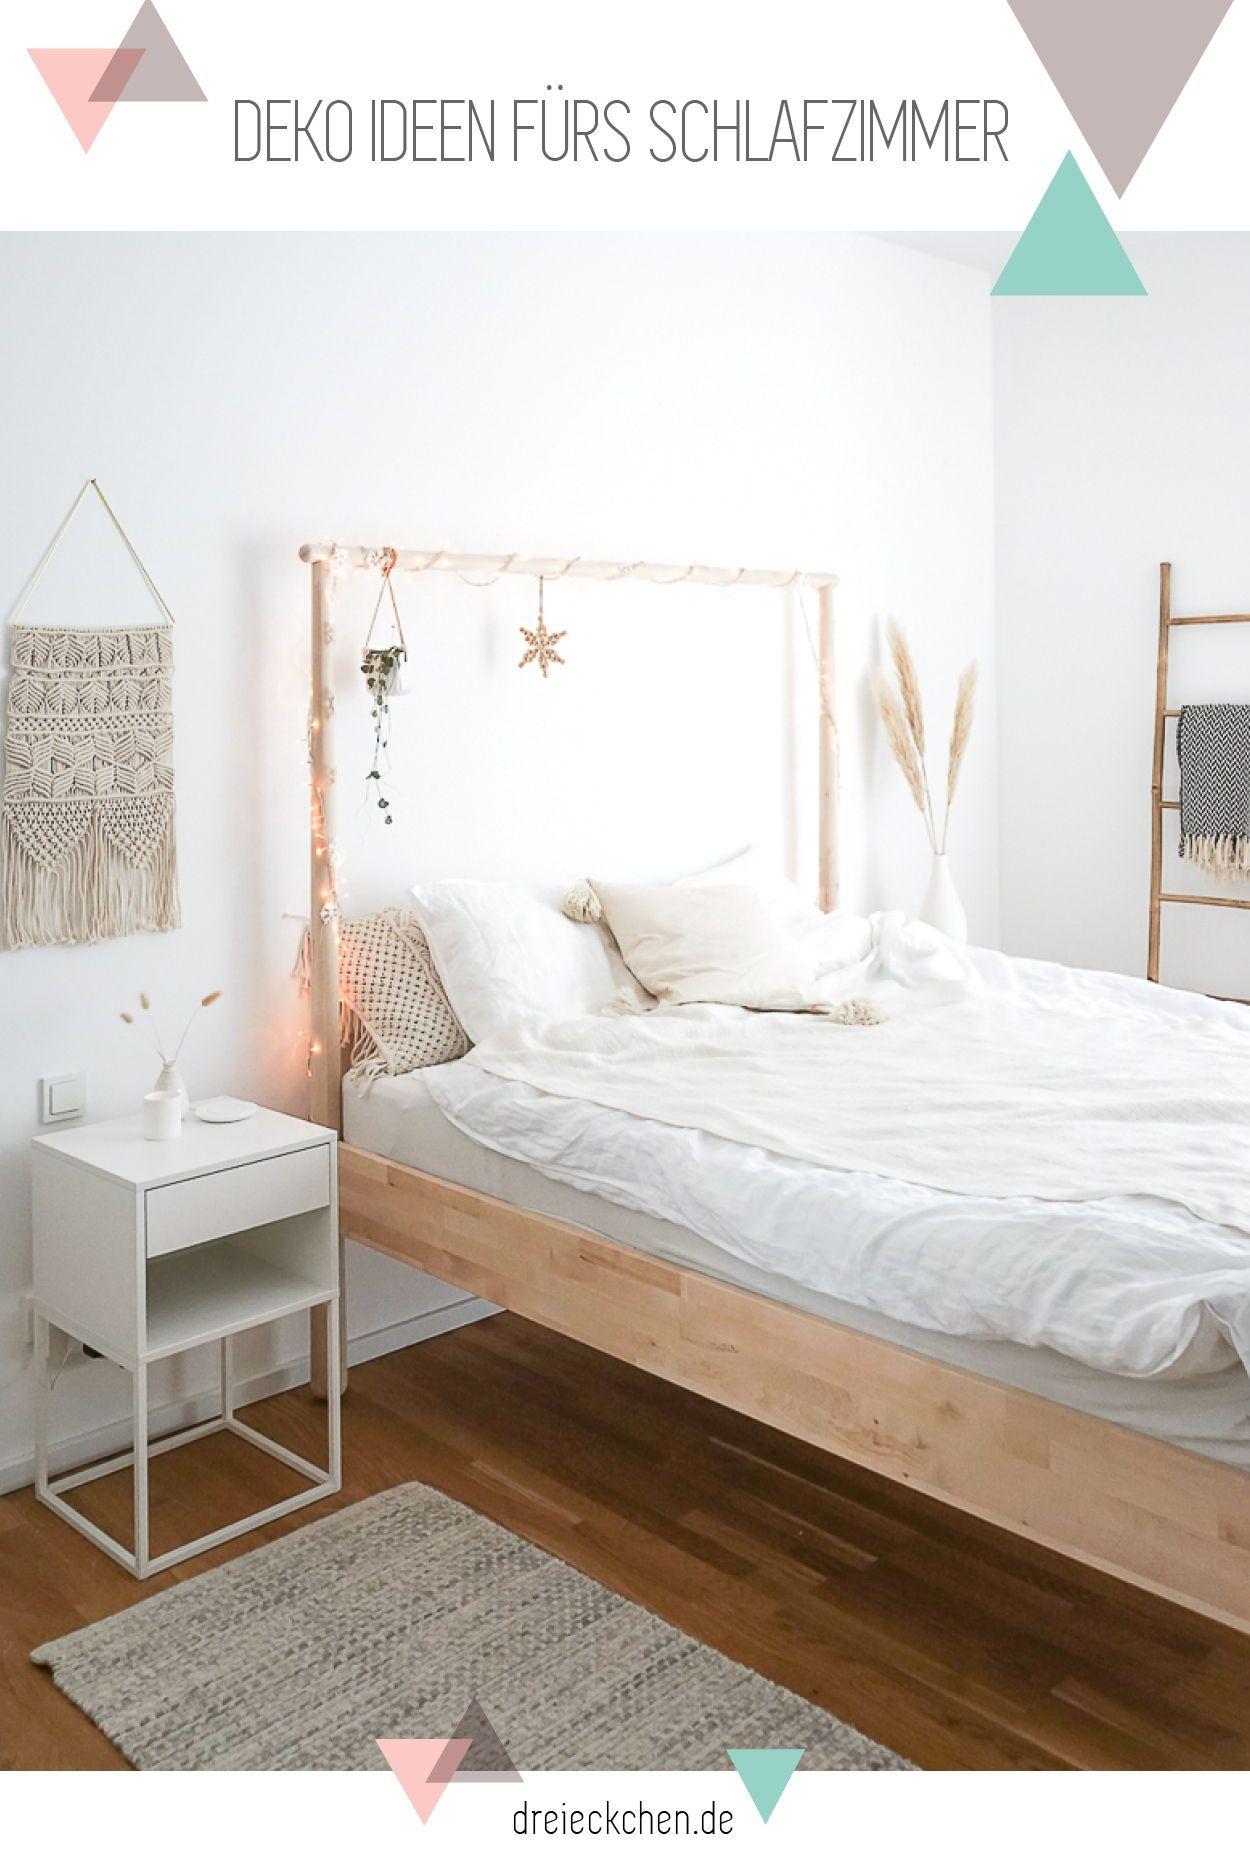 Full Size of Ikea Schlafzimmer Ideen Einrichten Natrliche Deko Mit Getrockneten Eckschrank Betten Wohnzimmer Tapeten Komplett Massivholz Stehlampe Deckenleuchten überbau Wohnzimmer Ikea Schlafzimmer Ideen